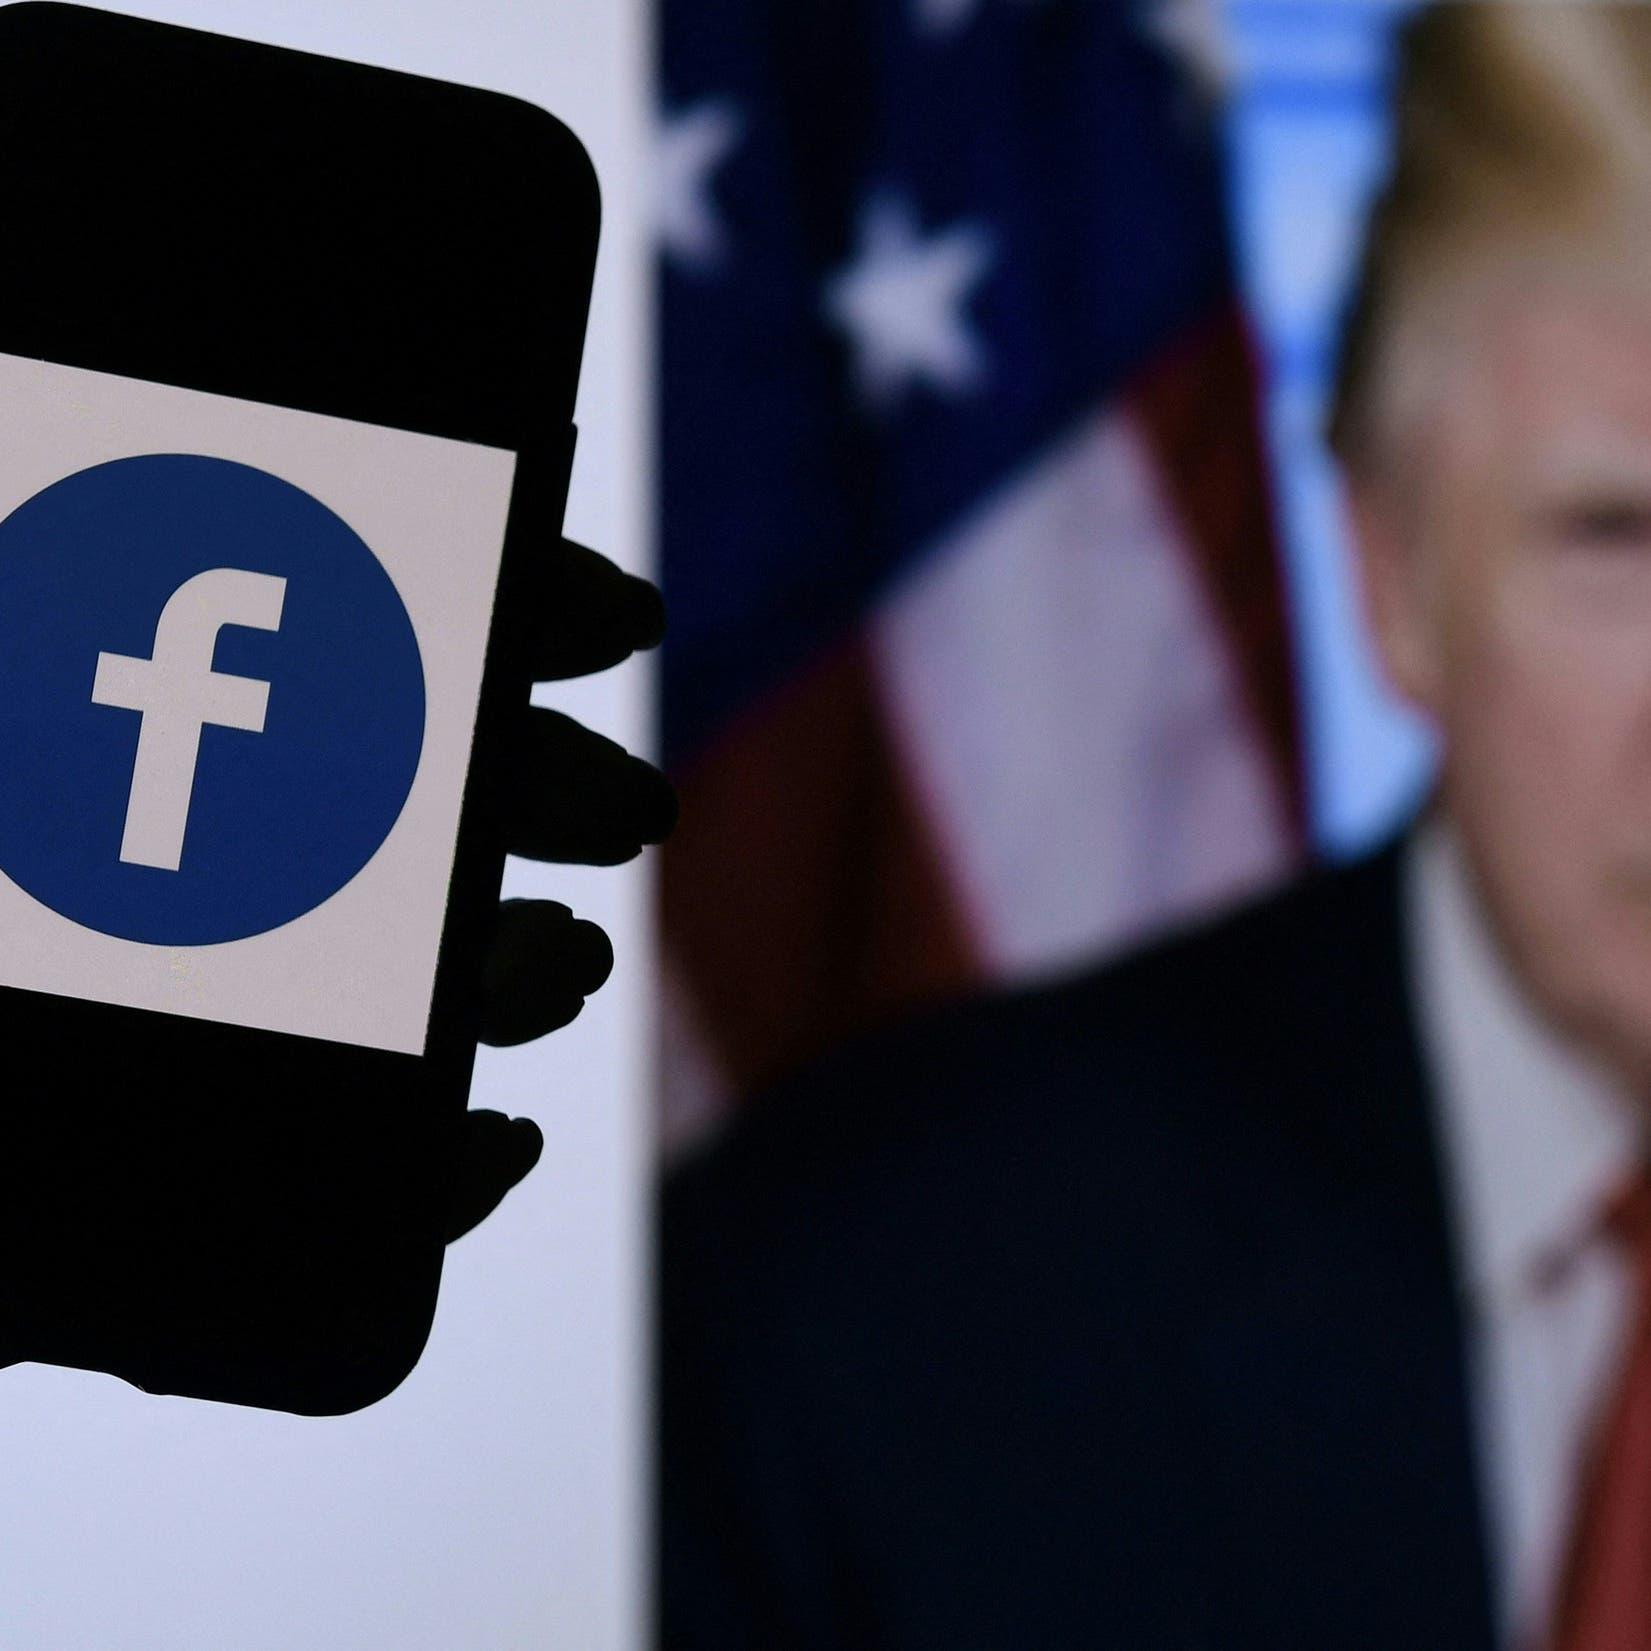 بانتظار قرار فيسبوك.. ترمب يروج لمنصة بلا تعليقات!